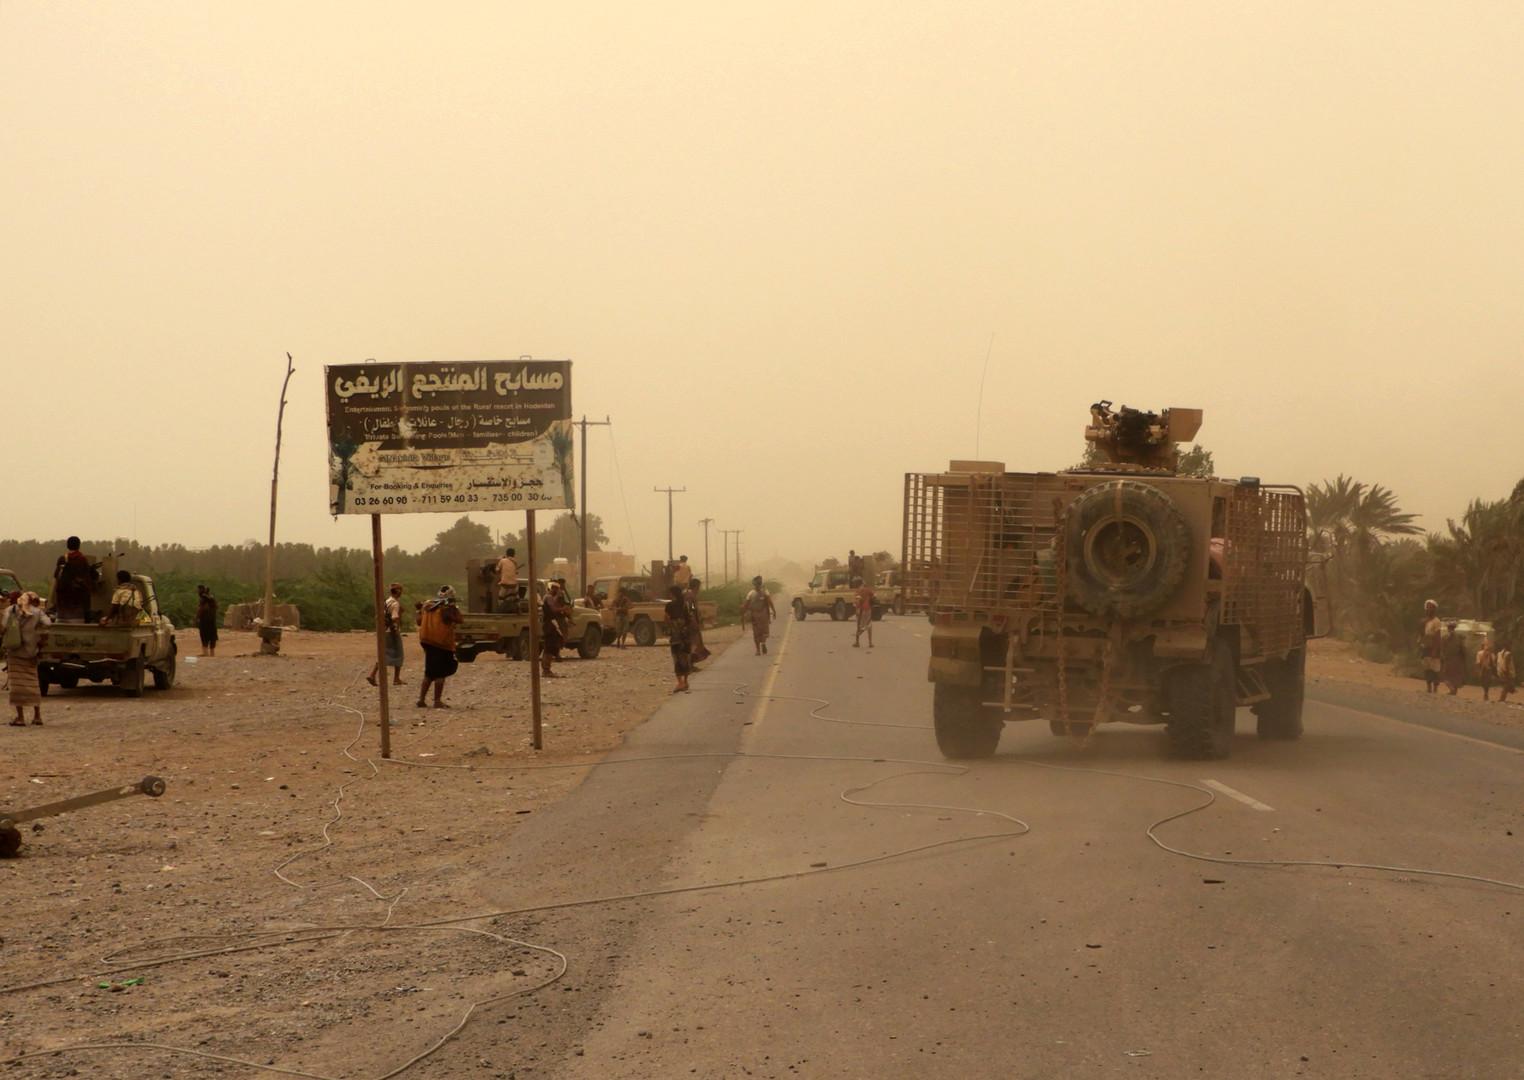 في أحدث وأشد موقف.. القيادة العسكرية الأمريكية تهدد التحالف العربي بسبب قتله مدنيين في اليمن